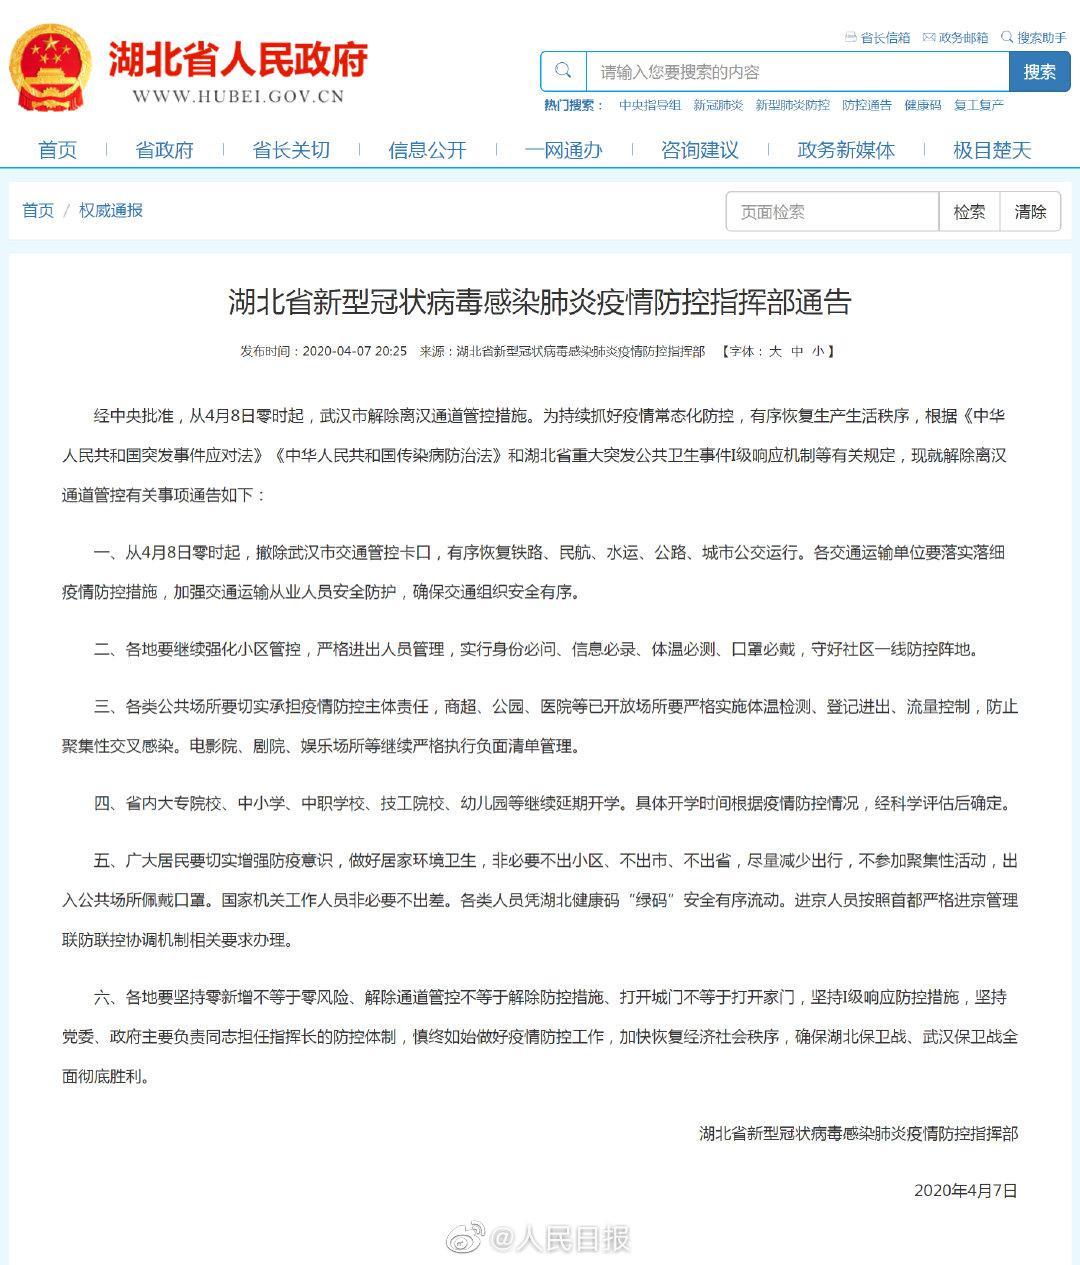 蓝冠官网湖北各类蓝冠官网学校继续延期开学图片